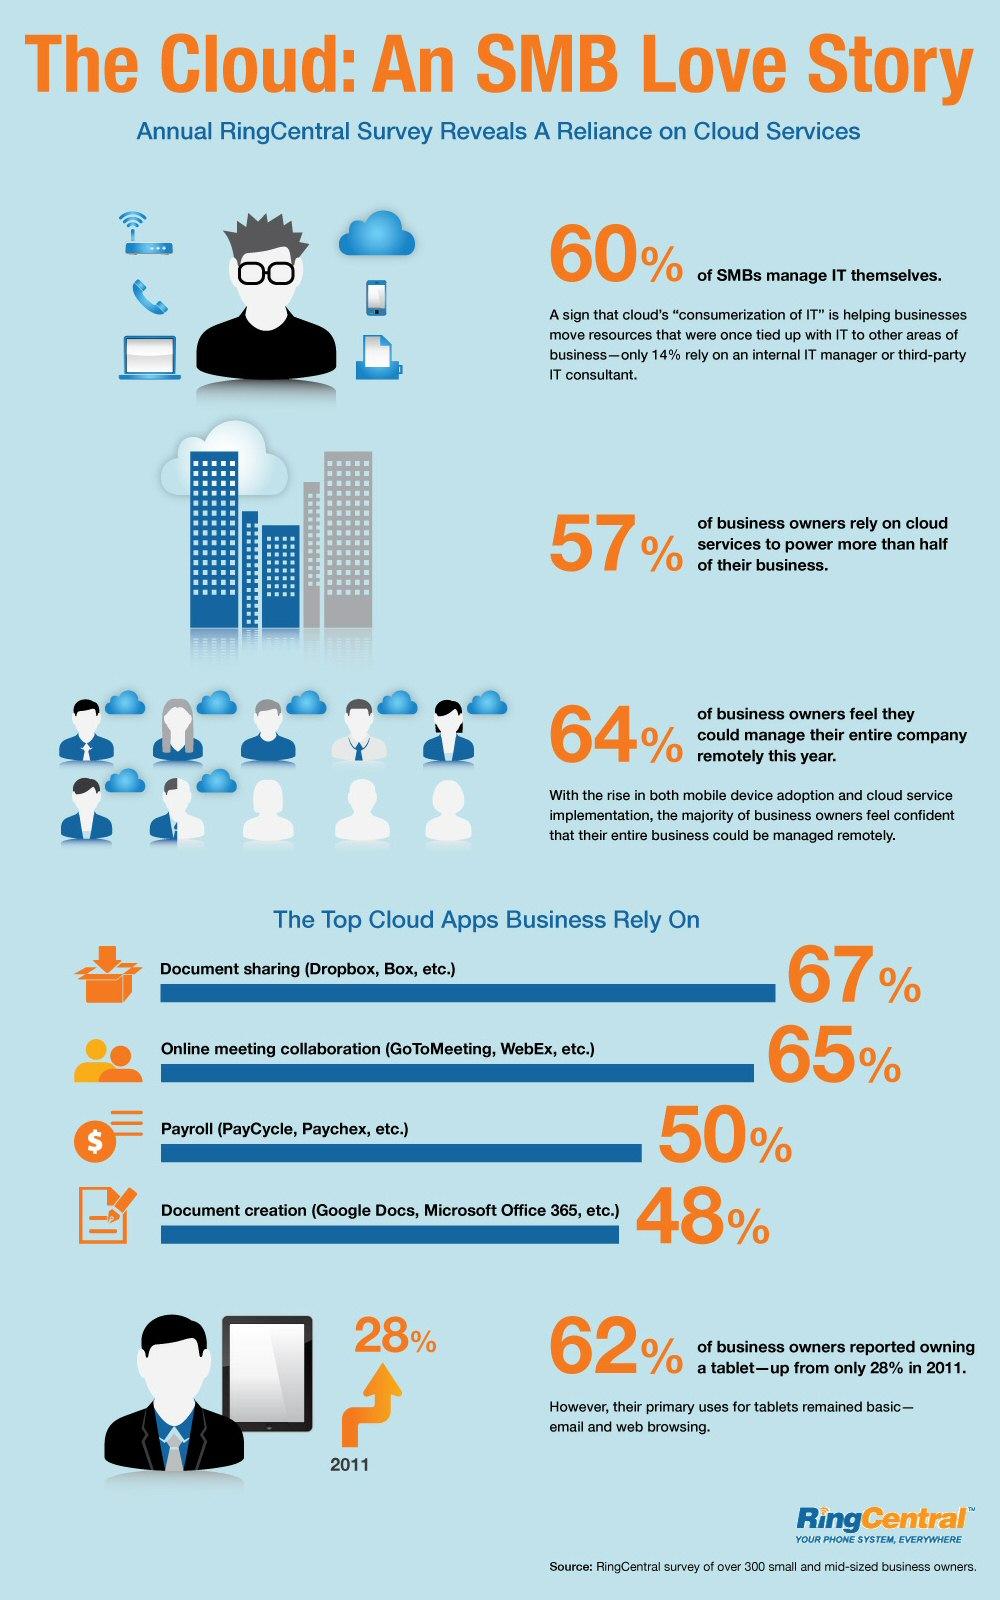 La Pyme empieza a confiar en los servicios Cloud